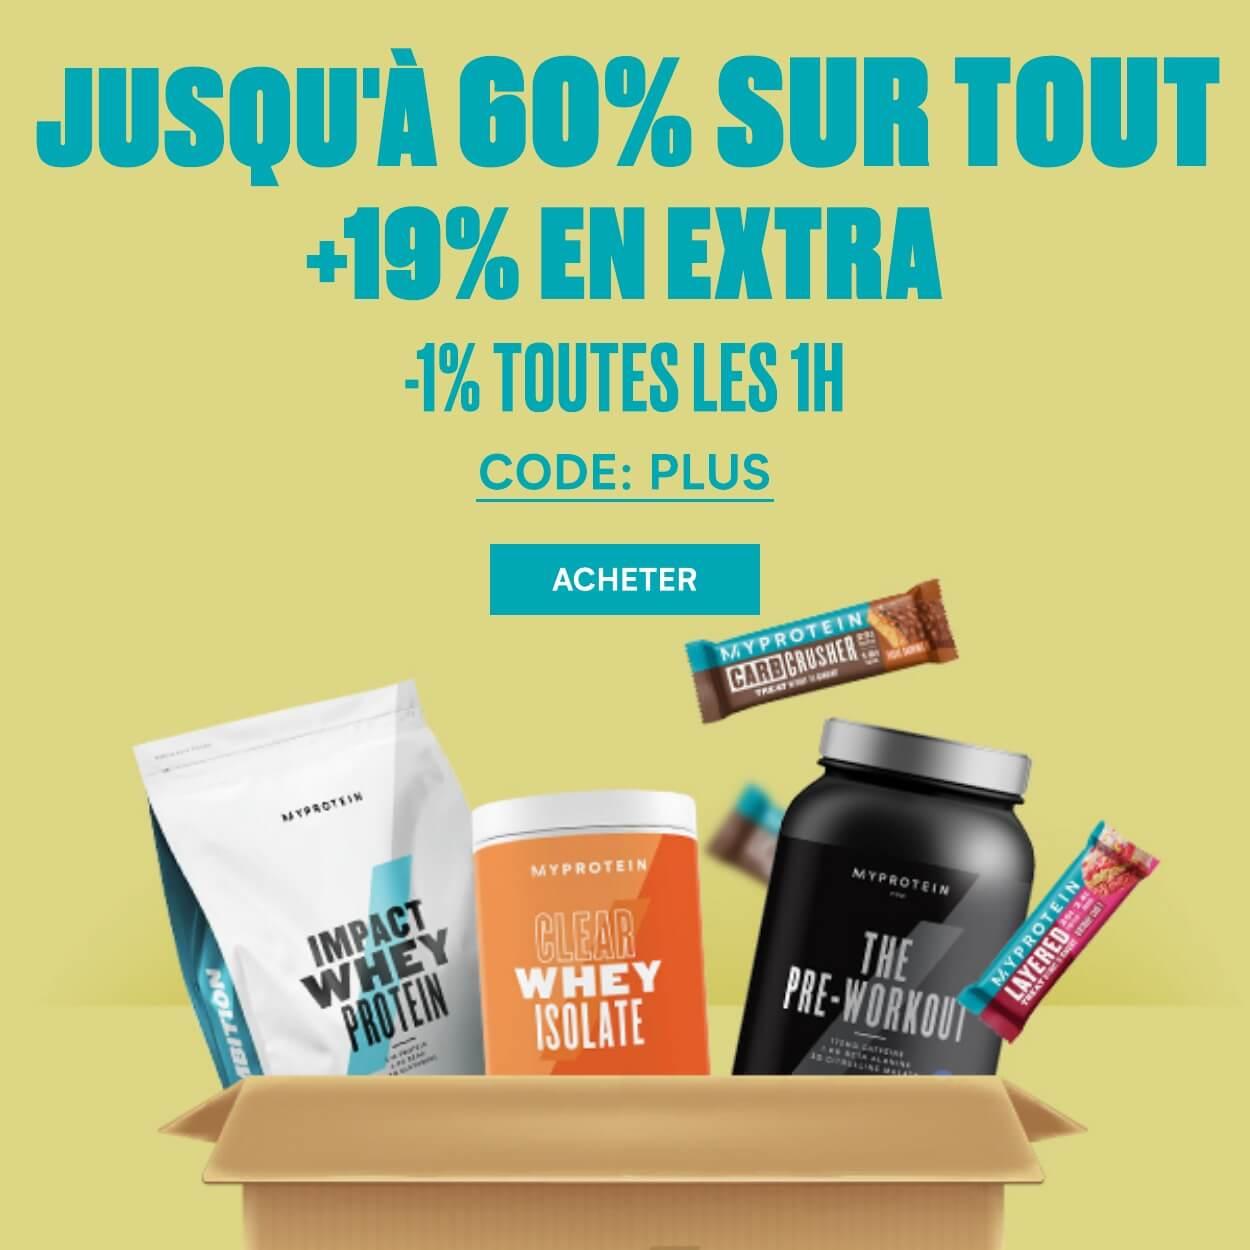 Jusqu'à -60% sur tout + -19% en EXTRA (-1% toutes les 1h) + livraison offerte dès 10€